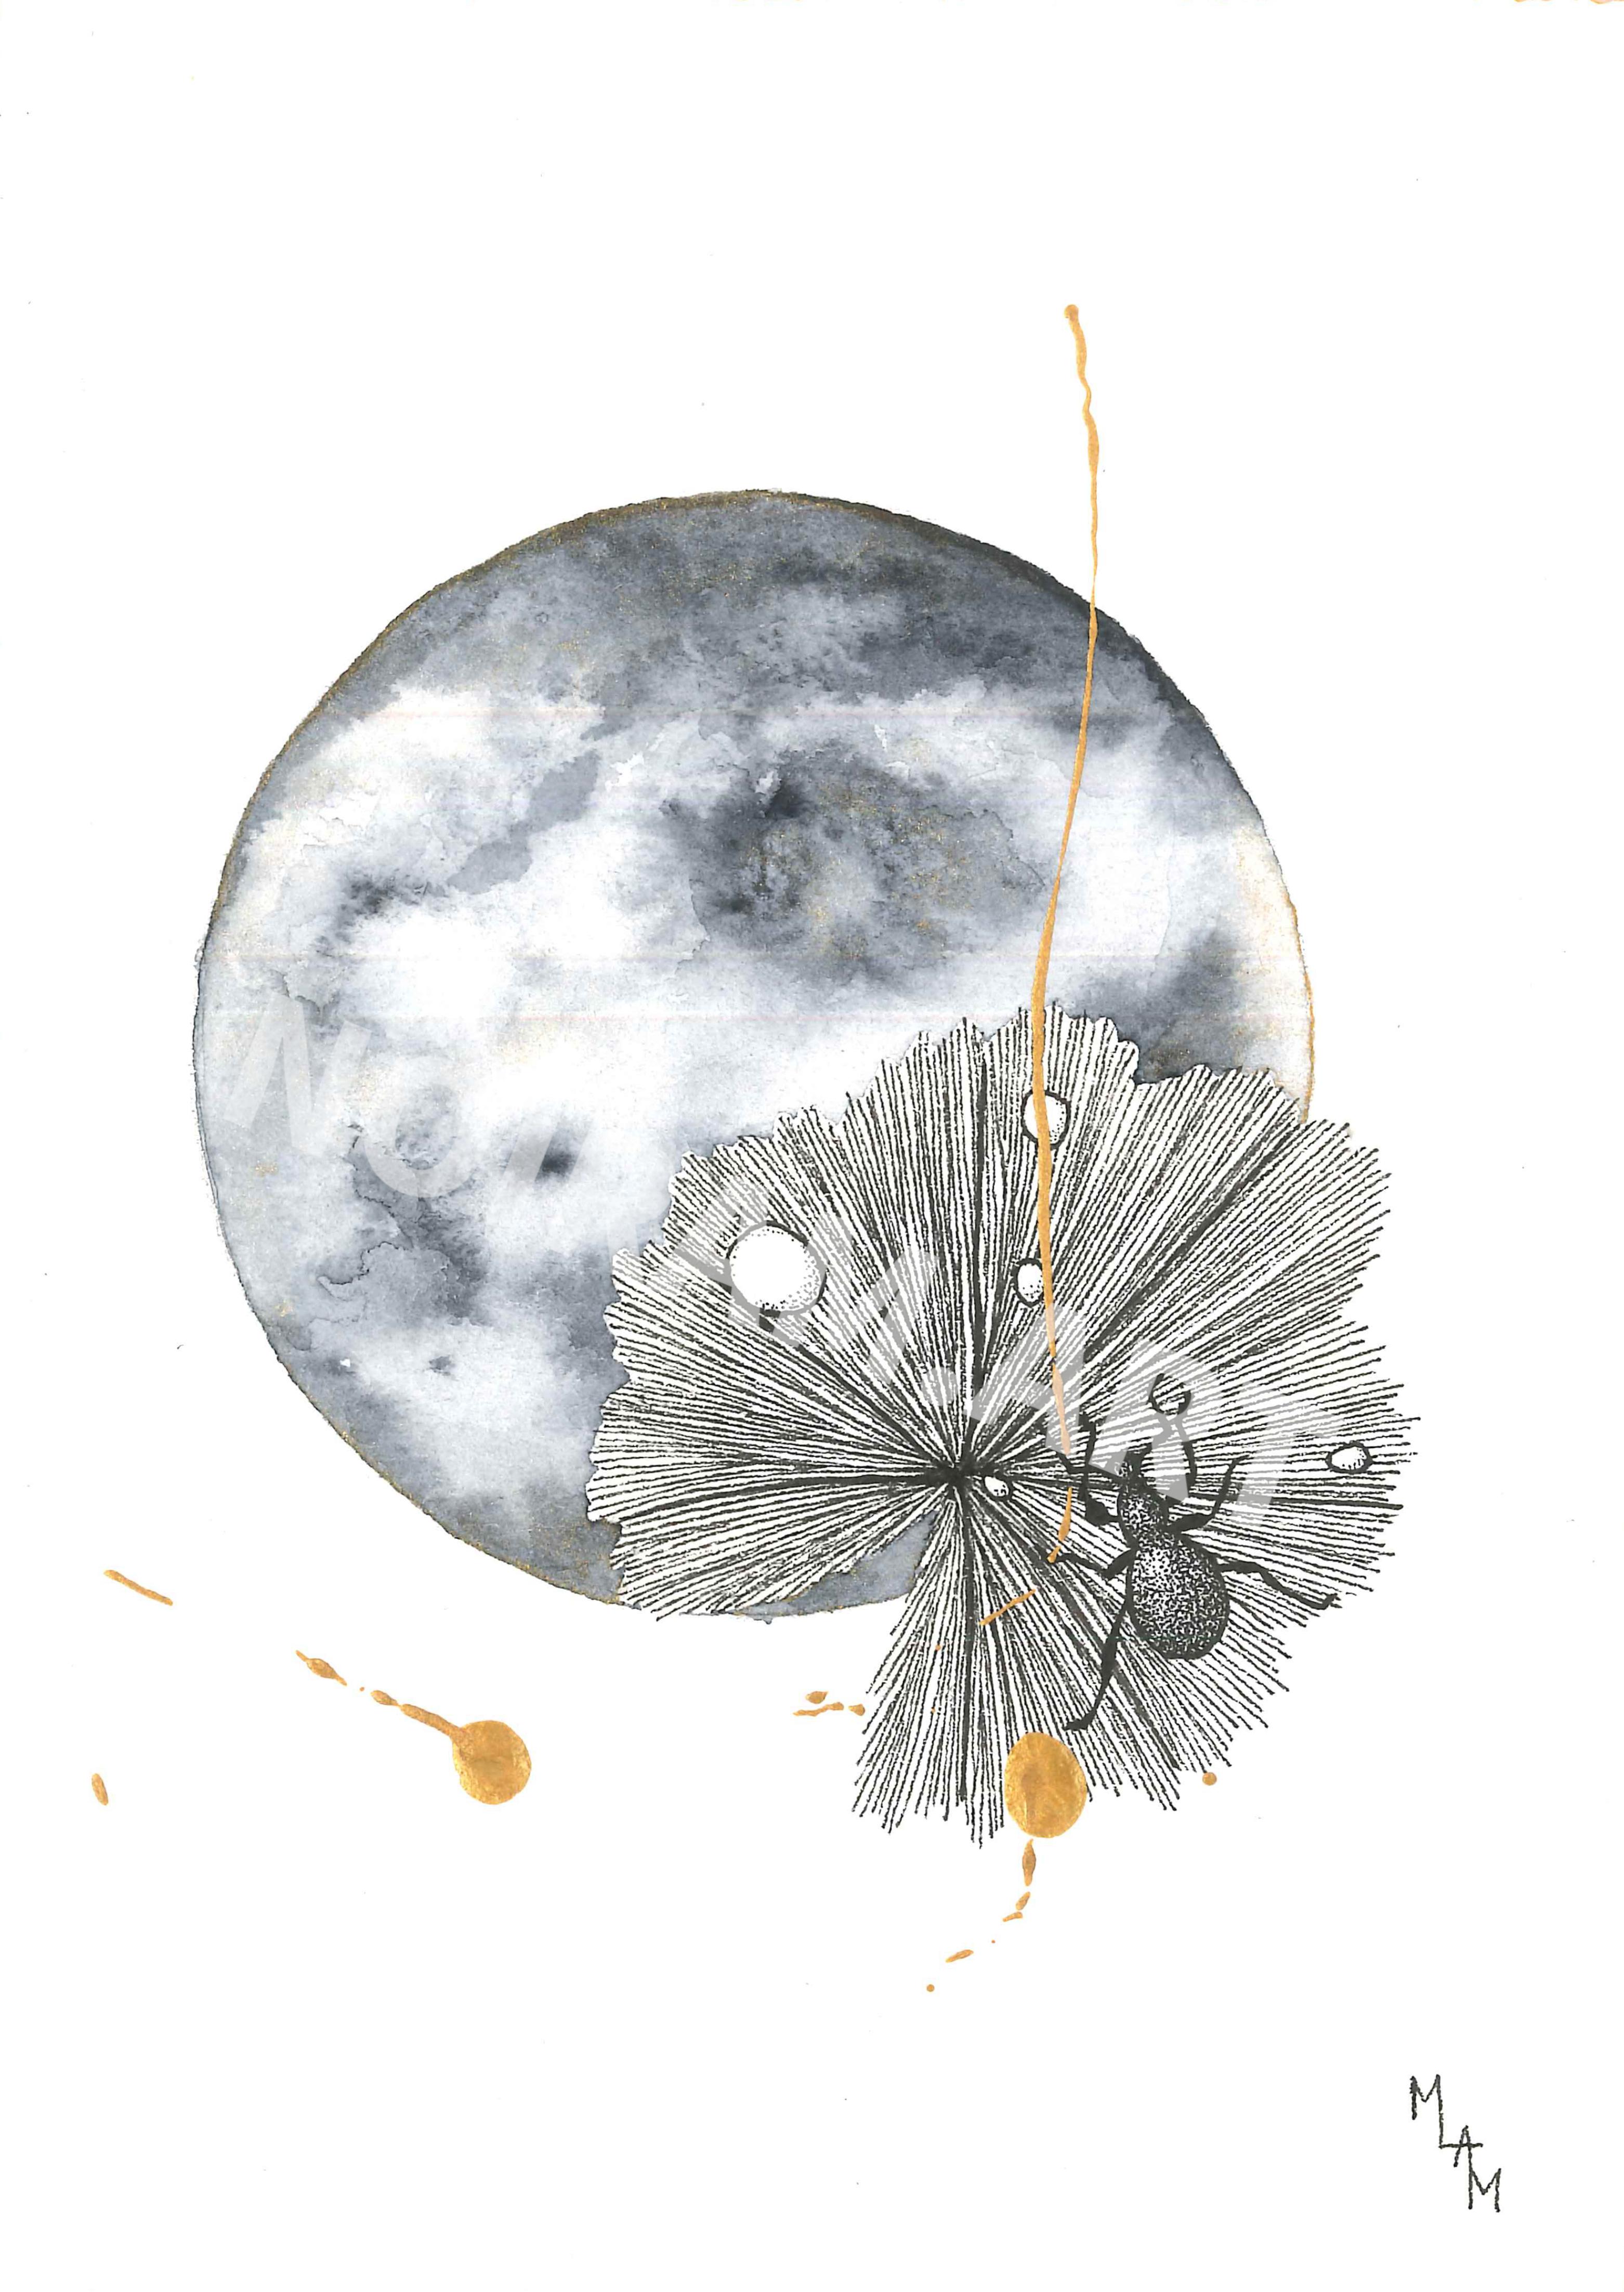 Aquarelle la métamorphose d'Hadès scarabé alchémille planète plante mlam noiram marion-lorraine poncet